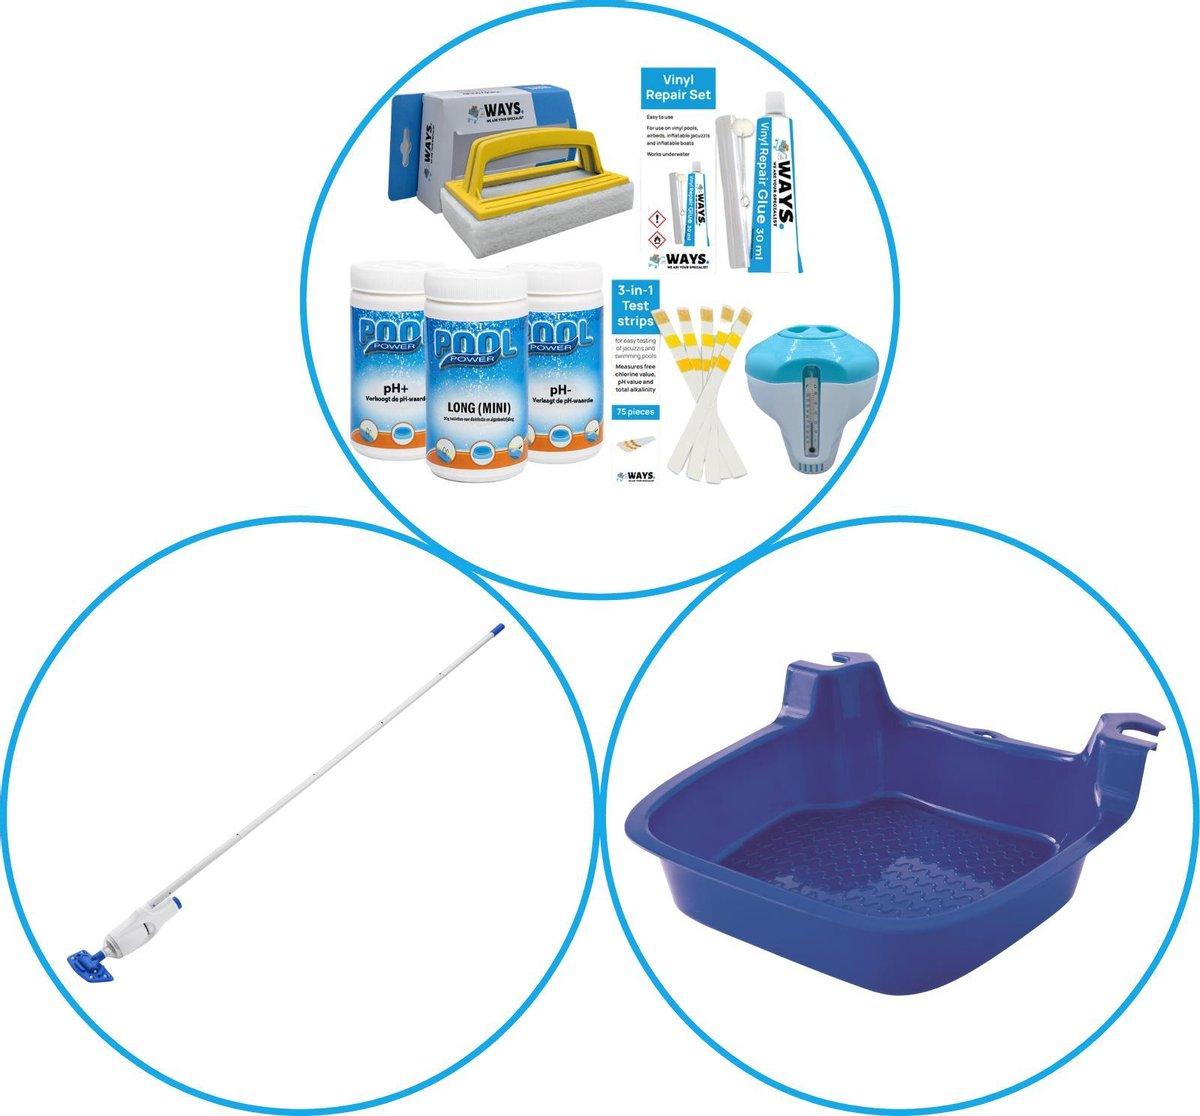 WAYS - Zwembad Accessoirepakket 3-delig - WAYS Onderhoudspakket & Zwembad stofzuiger & Voetenbad